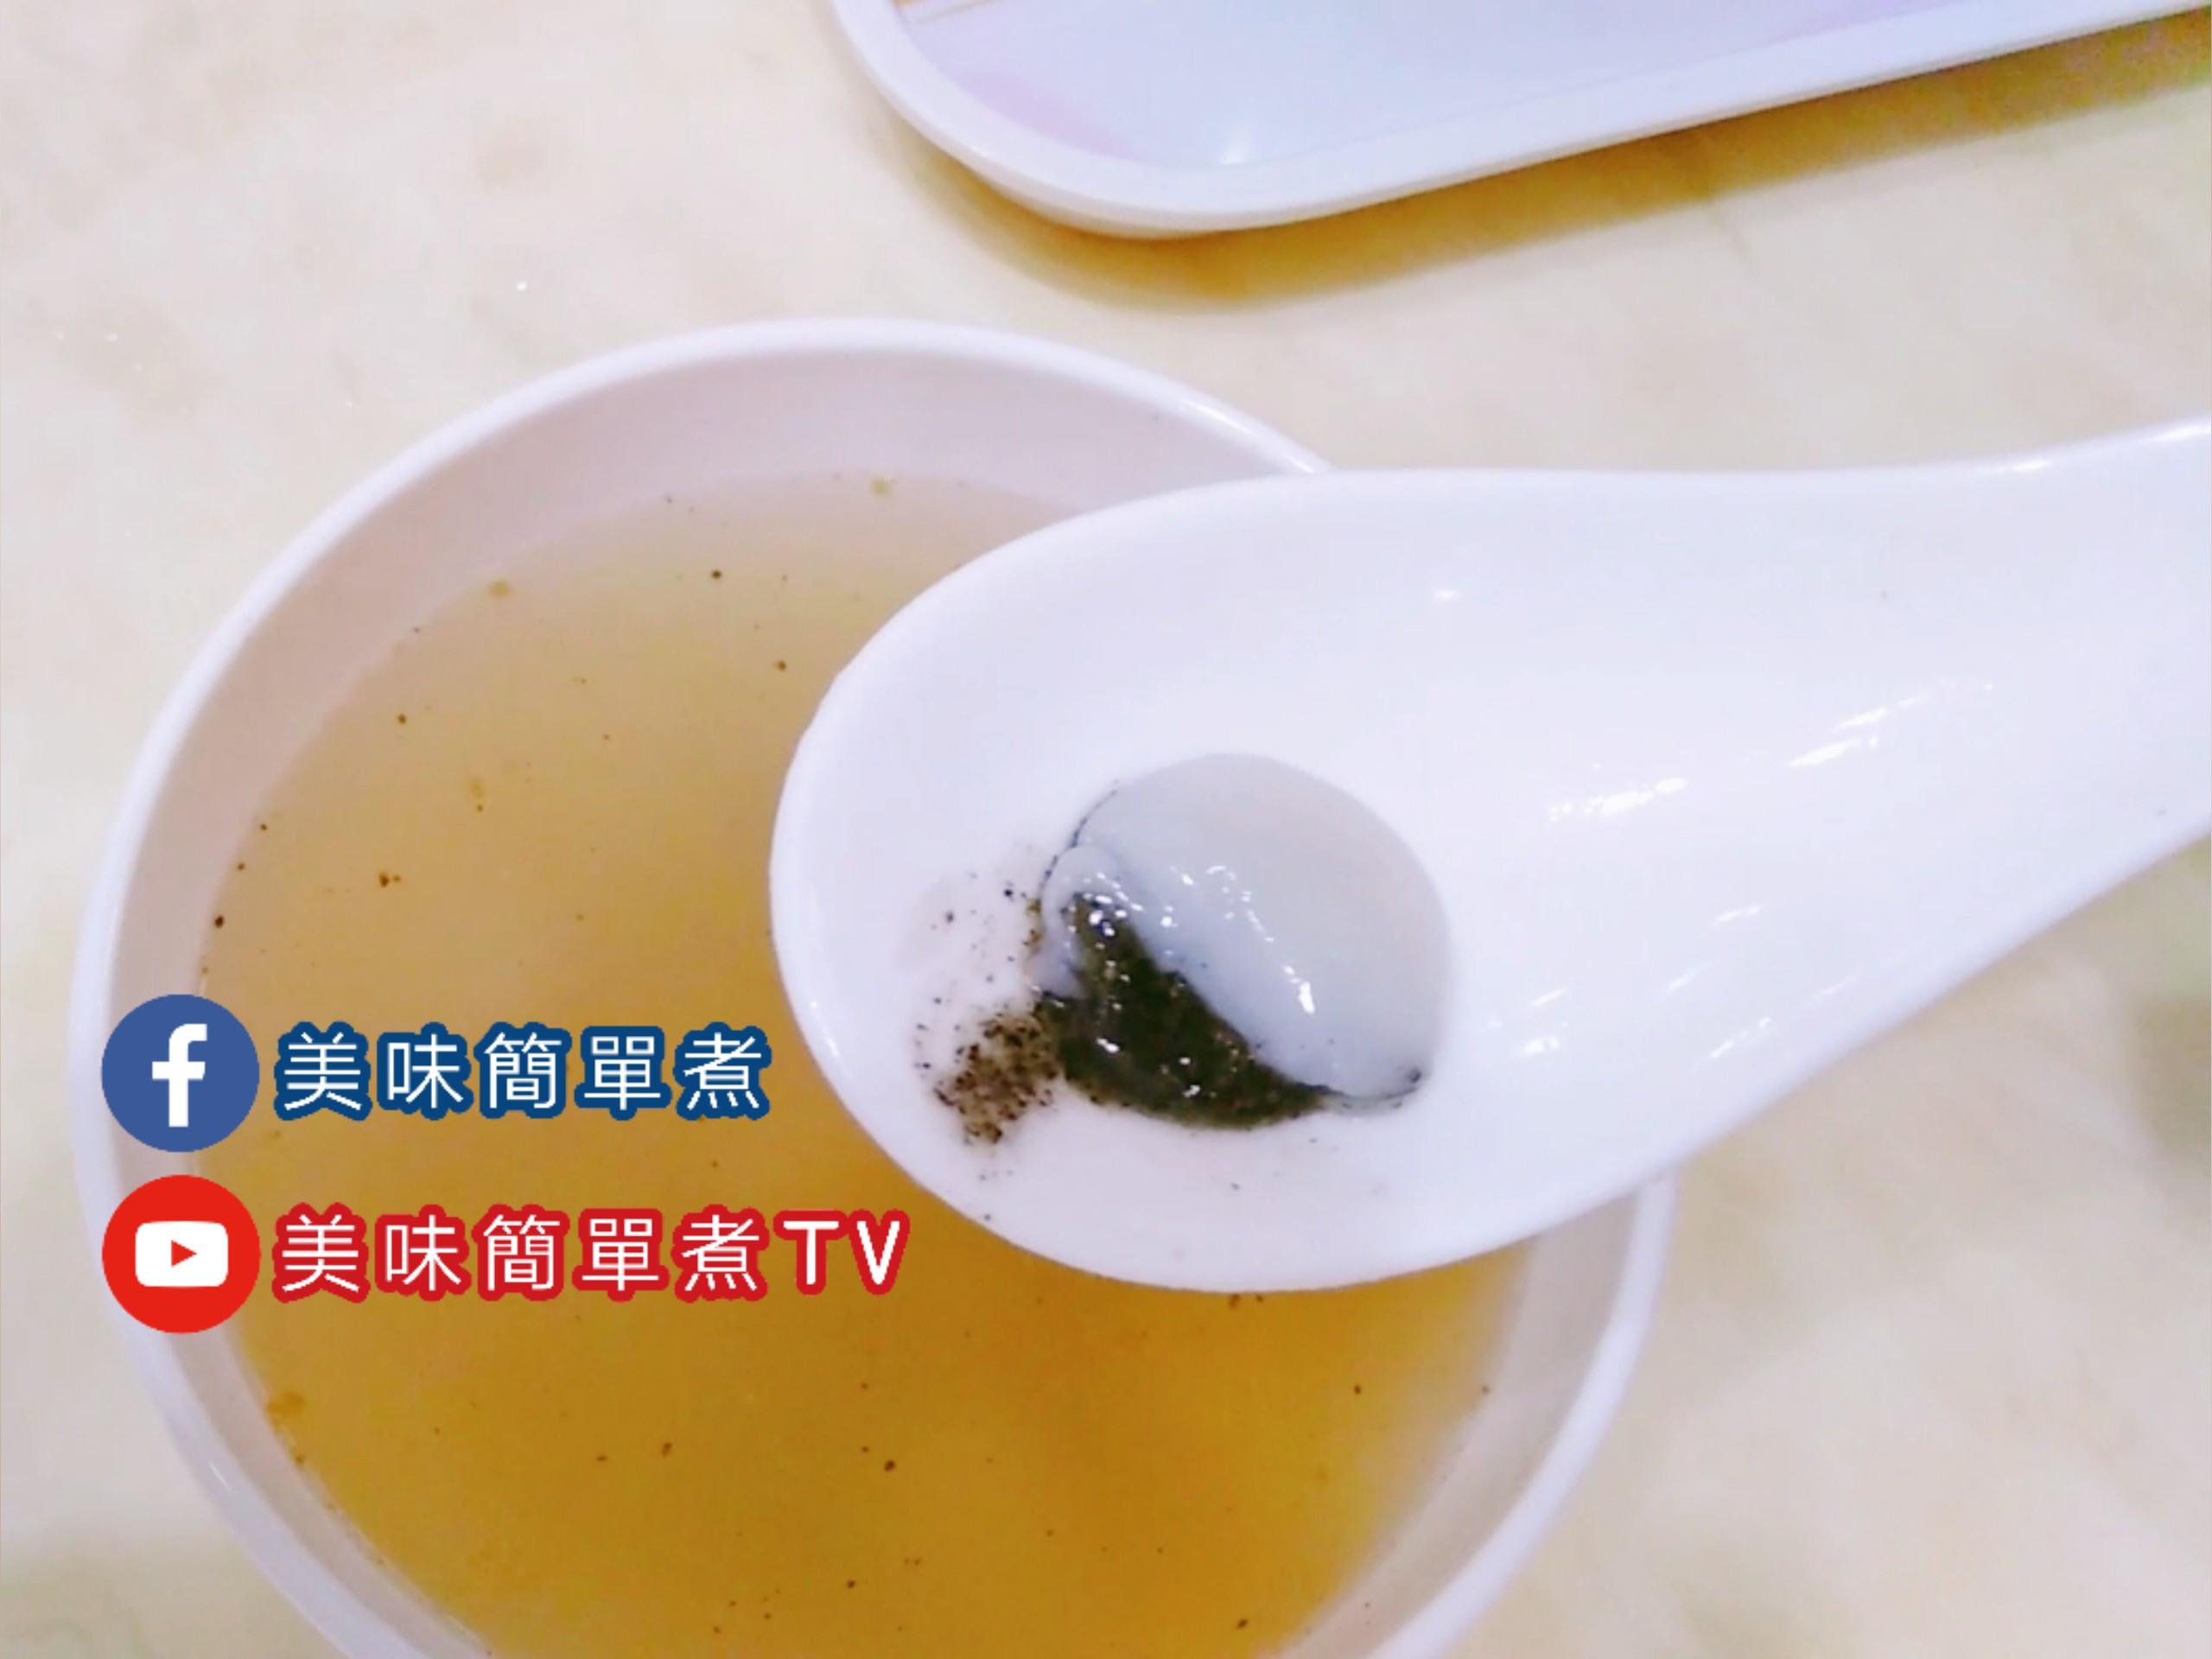 芝麻花生湯圓甜湯